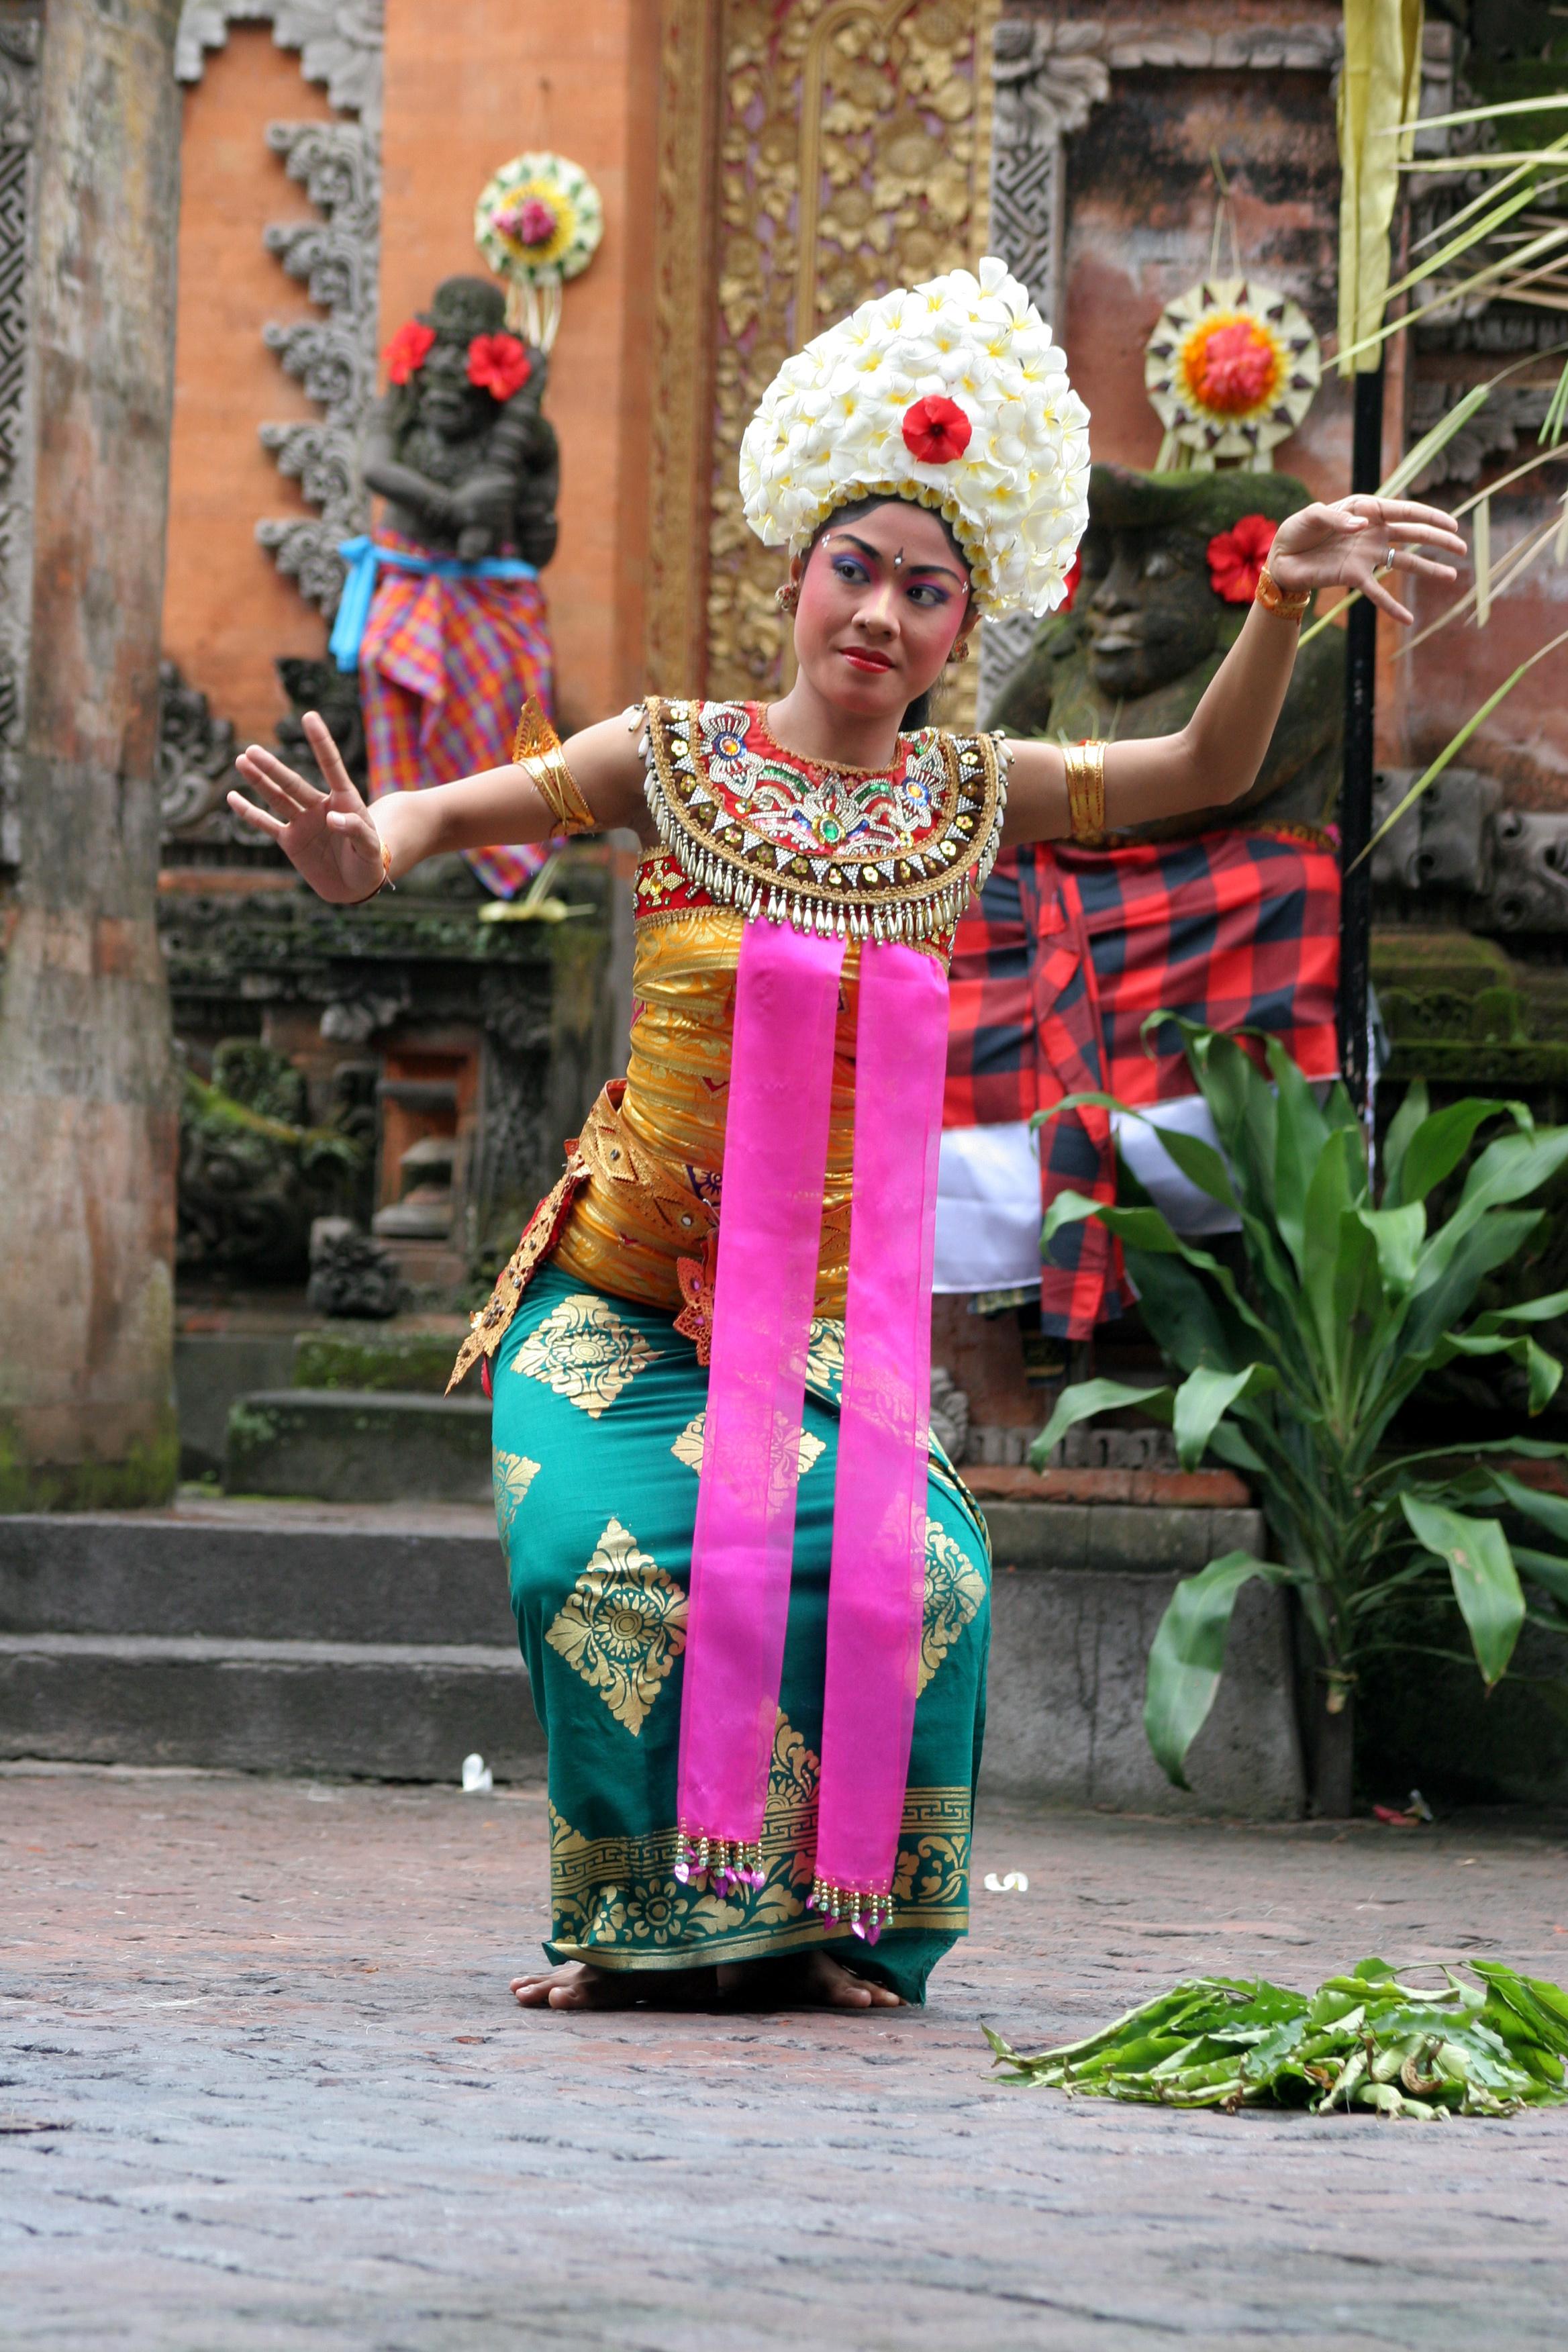 Jelaskan Kesenian Suku Jawa